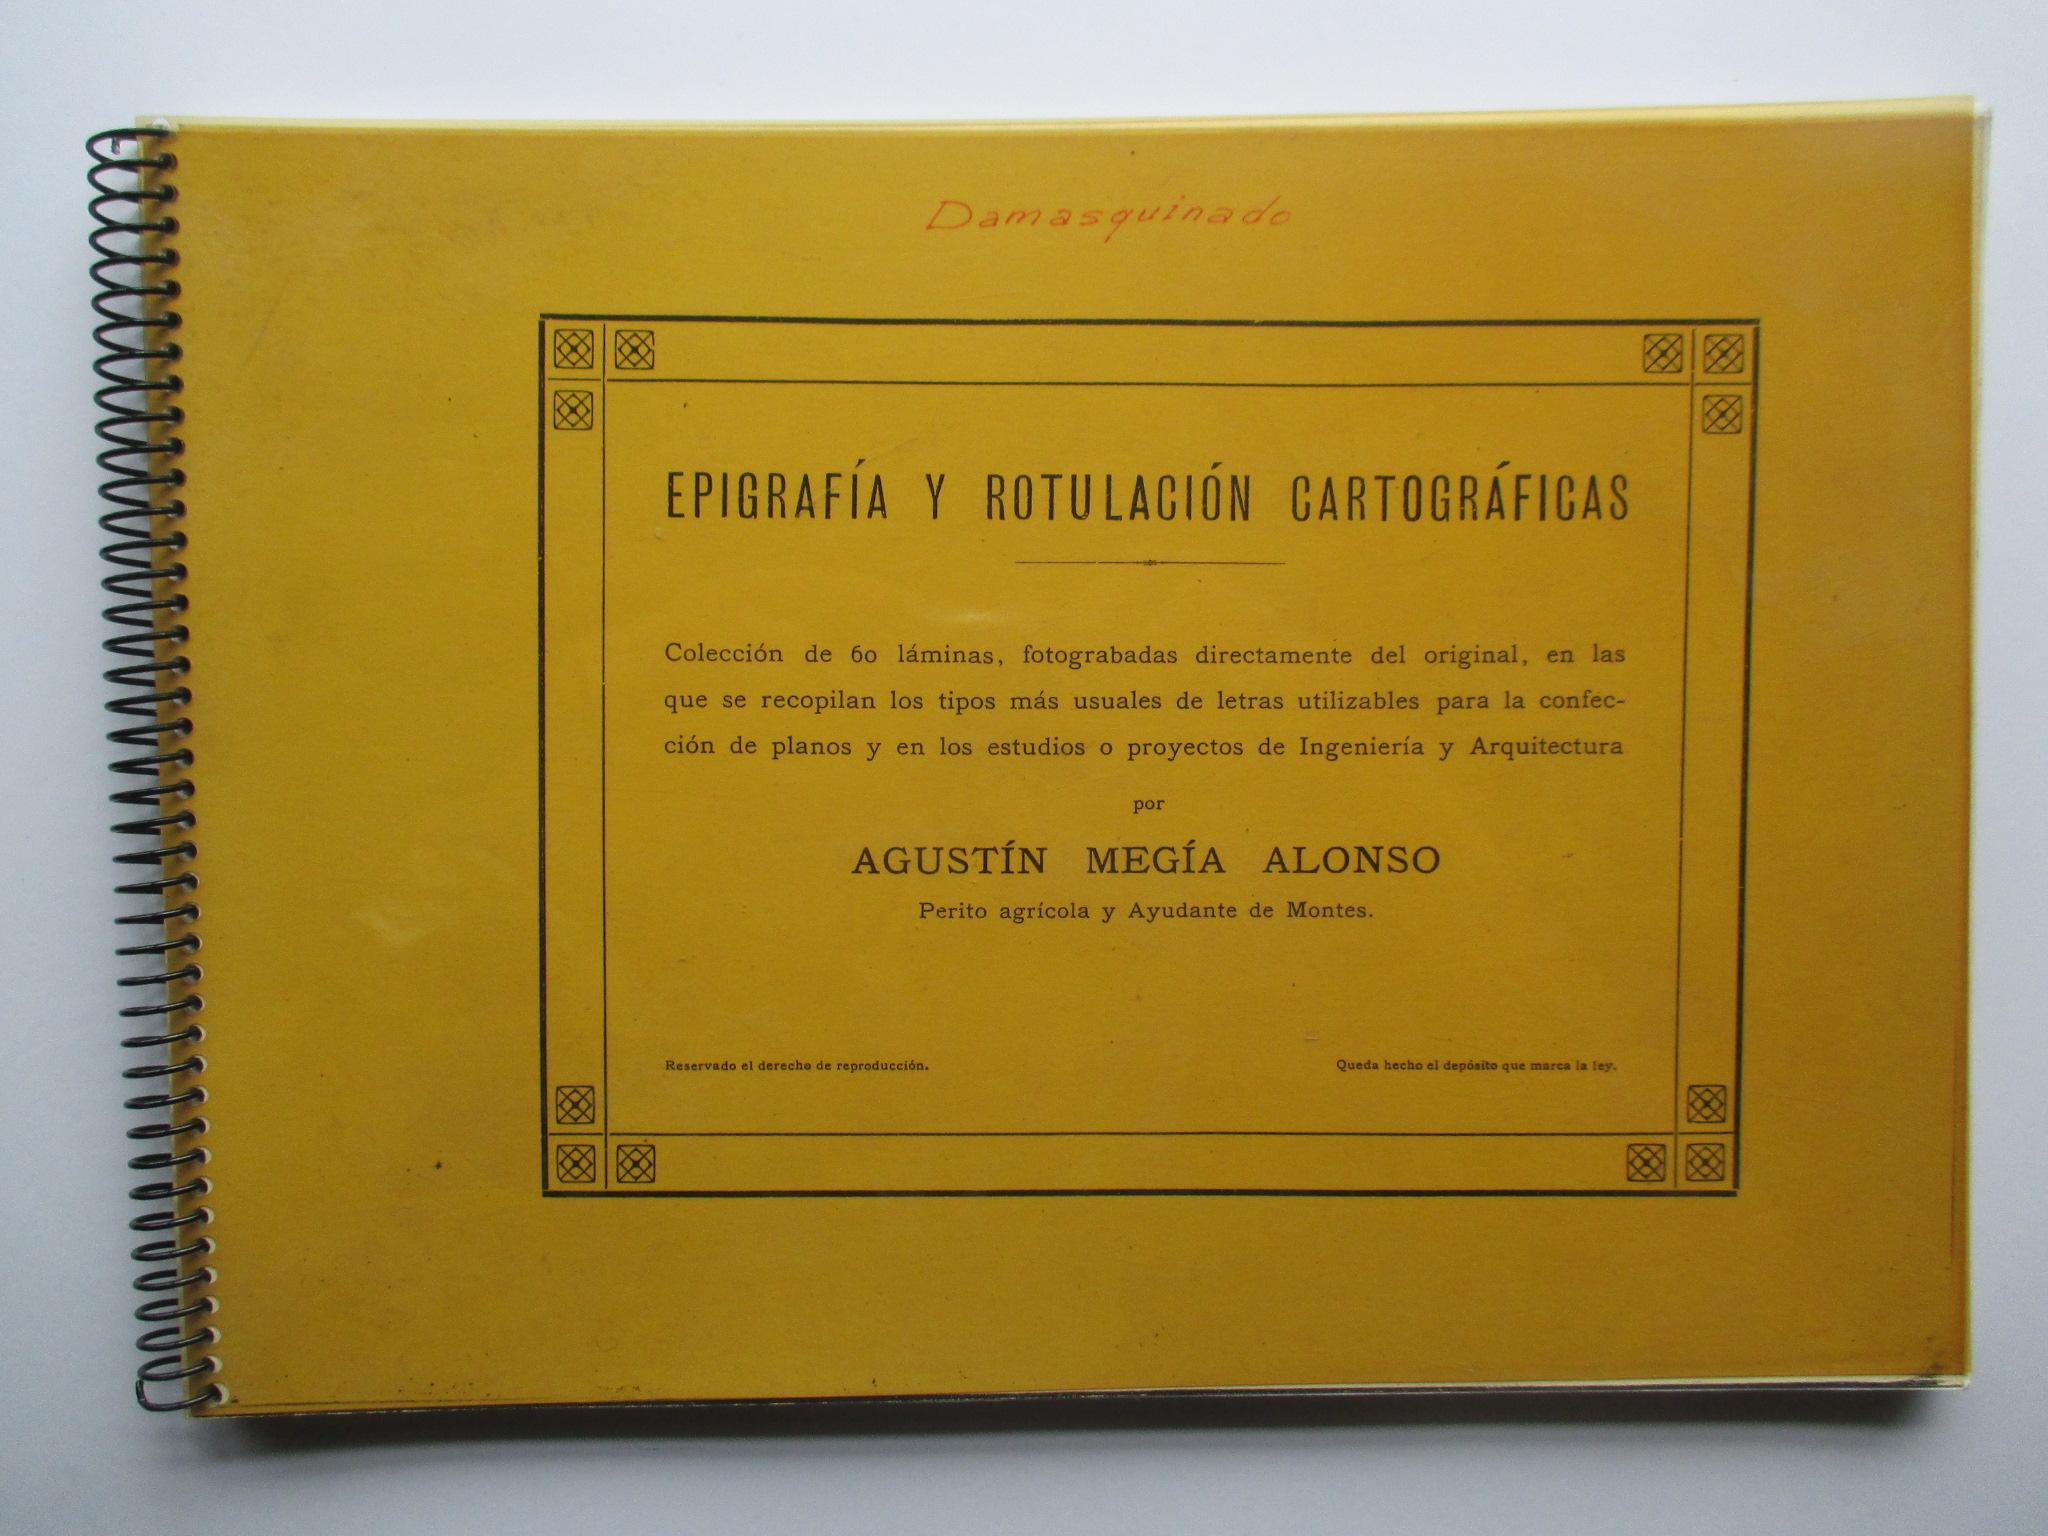 Epigrafía y rotulación cartográficas